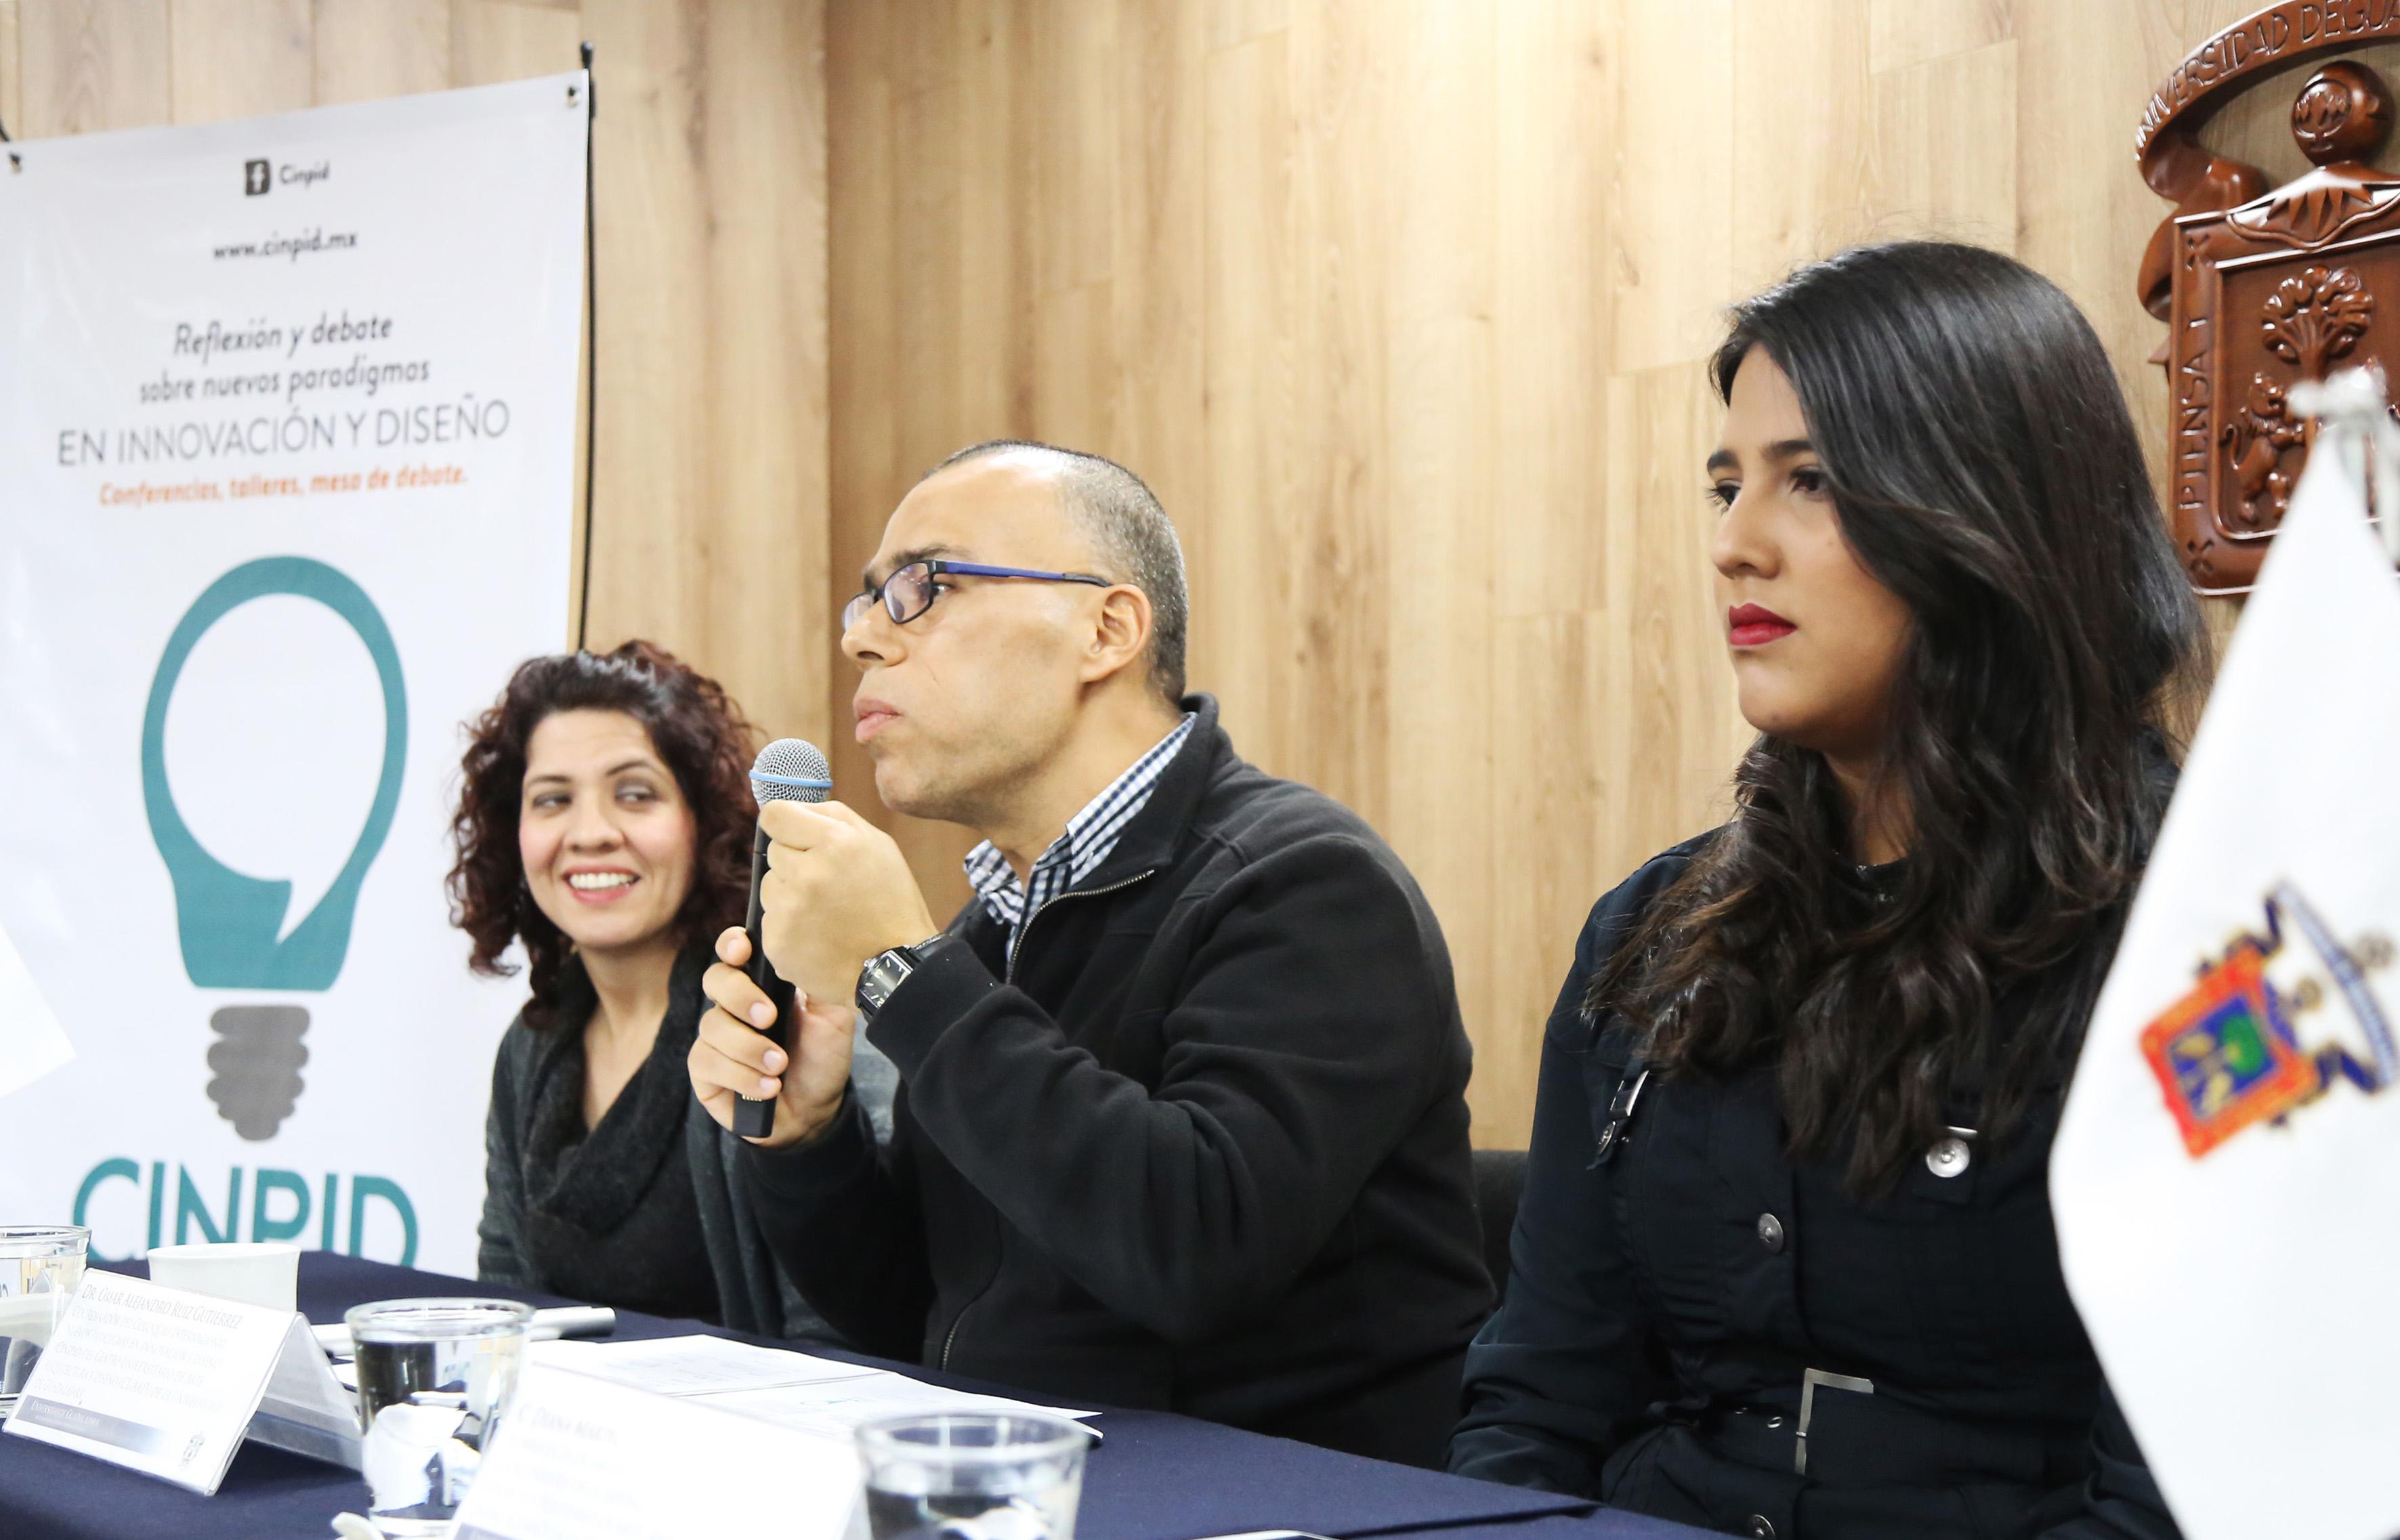 Miembros organizadores del Coloquio internacional, participando en la rueda de prensa